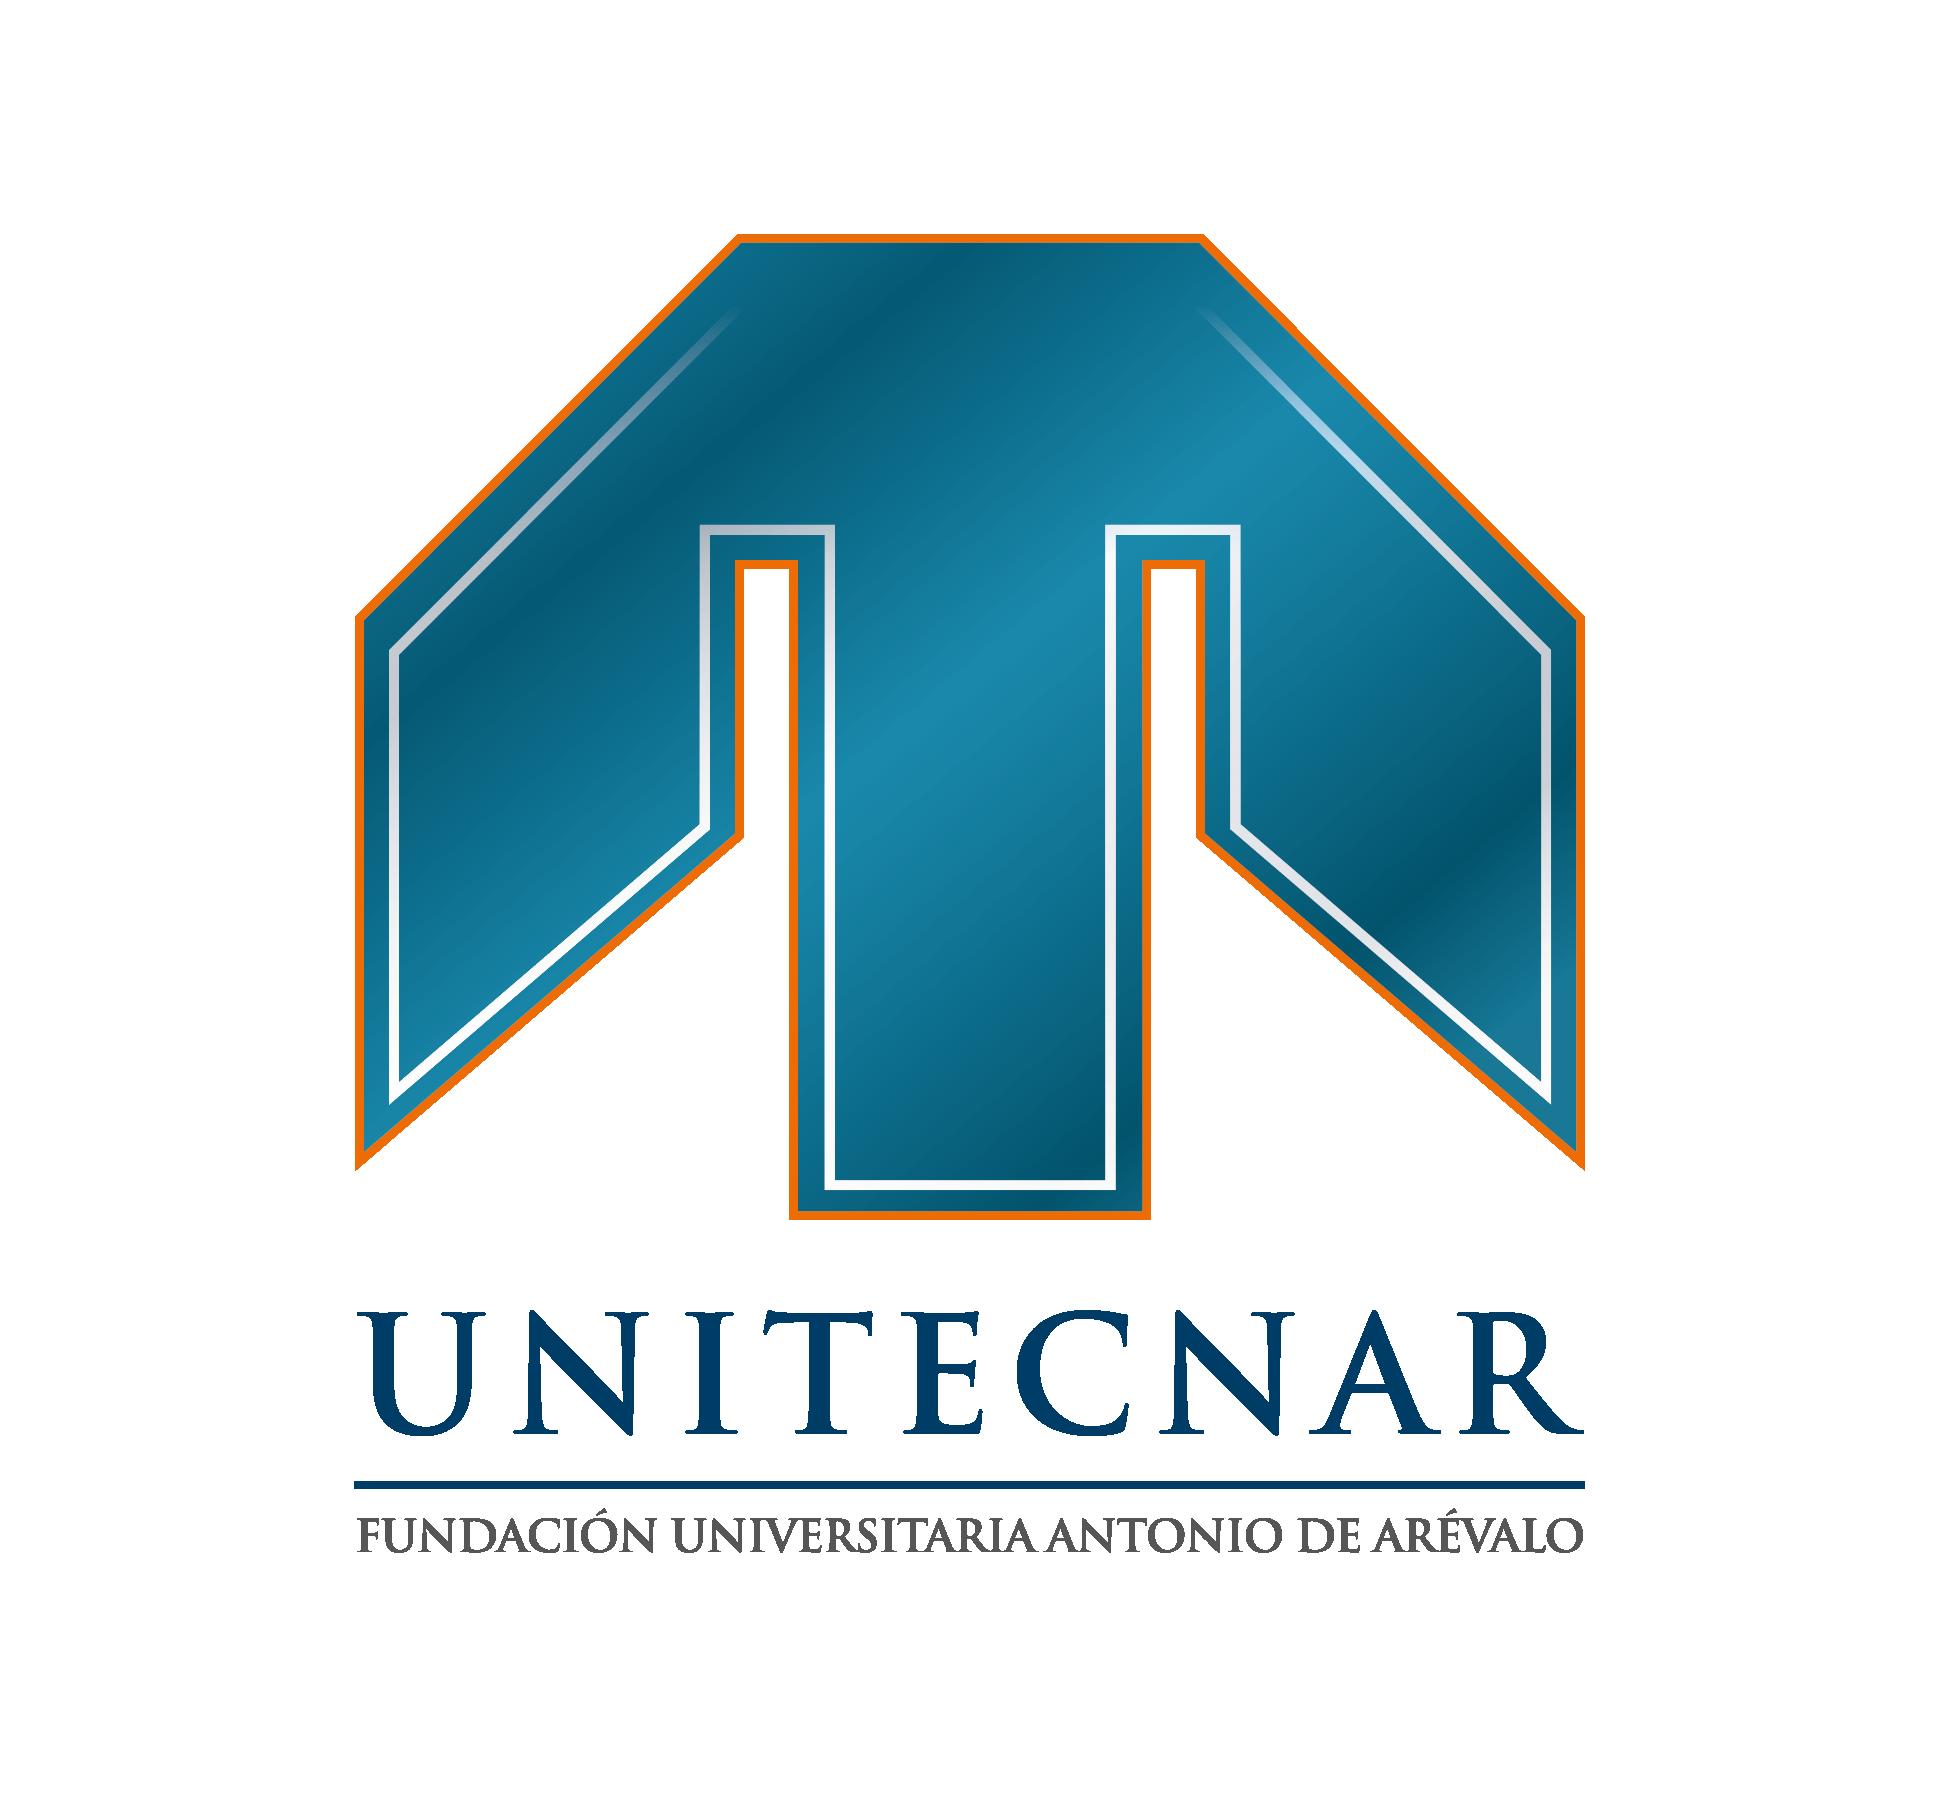 FUNDACION UNIVERSITARIA ANTONIO DE AREVALO